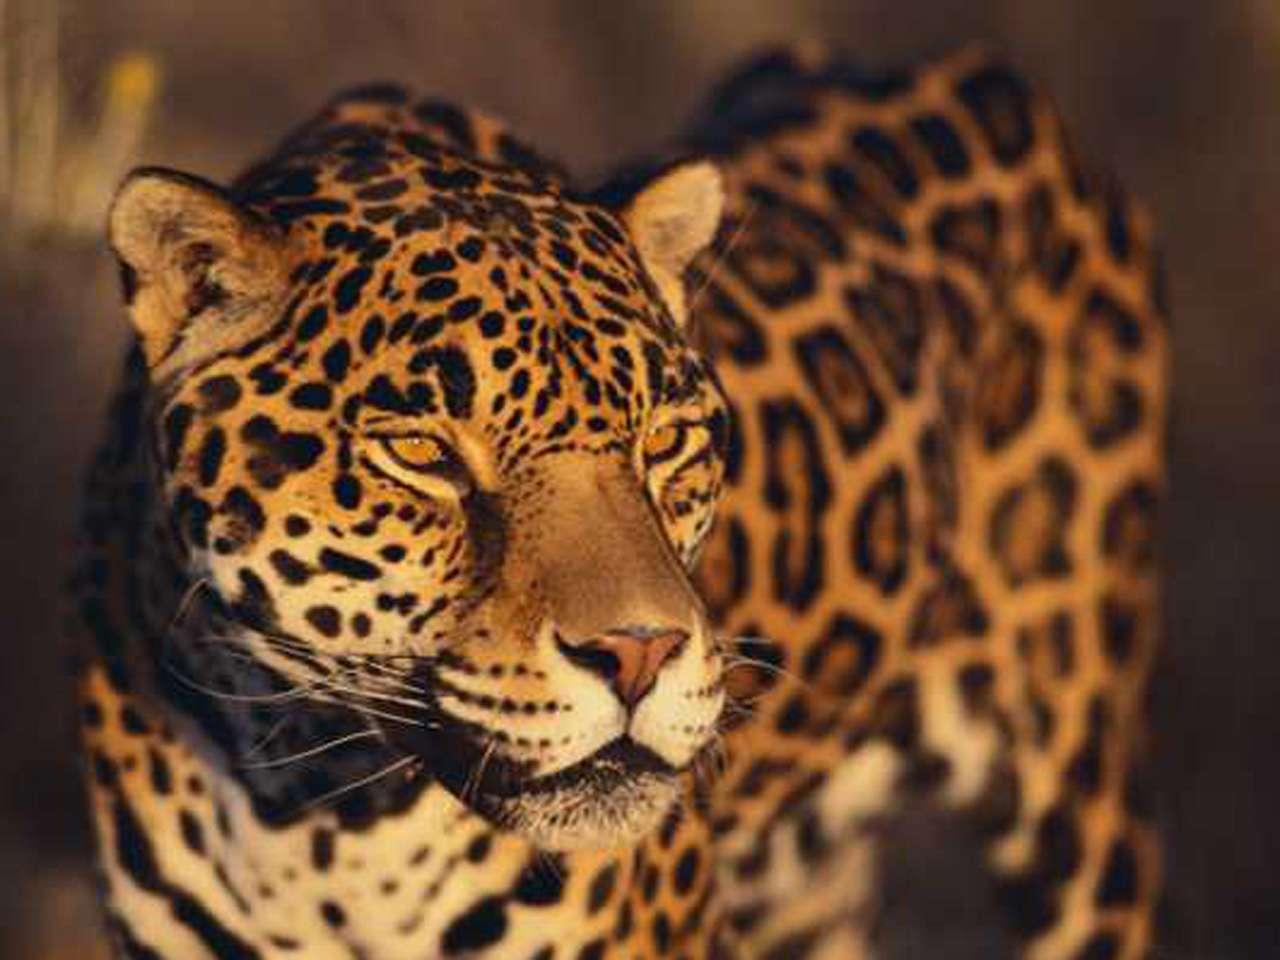 Las poblaciones de jaguar, el felino más grande del continente americano, se están reduciendo. Foto: Thinkstock/BBCMundo.com